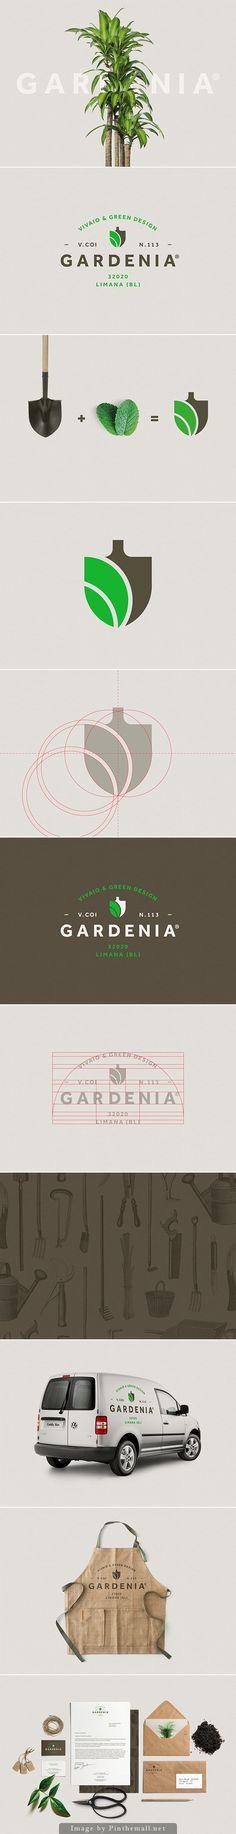 Gardenia identity by Luca Fontana // Creación de un logo simple que expresa fácilmente su propósito.